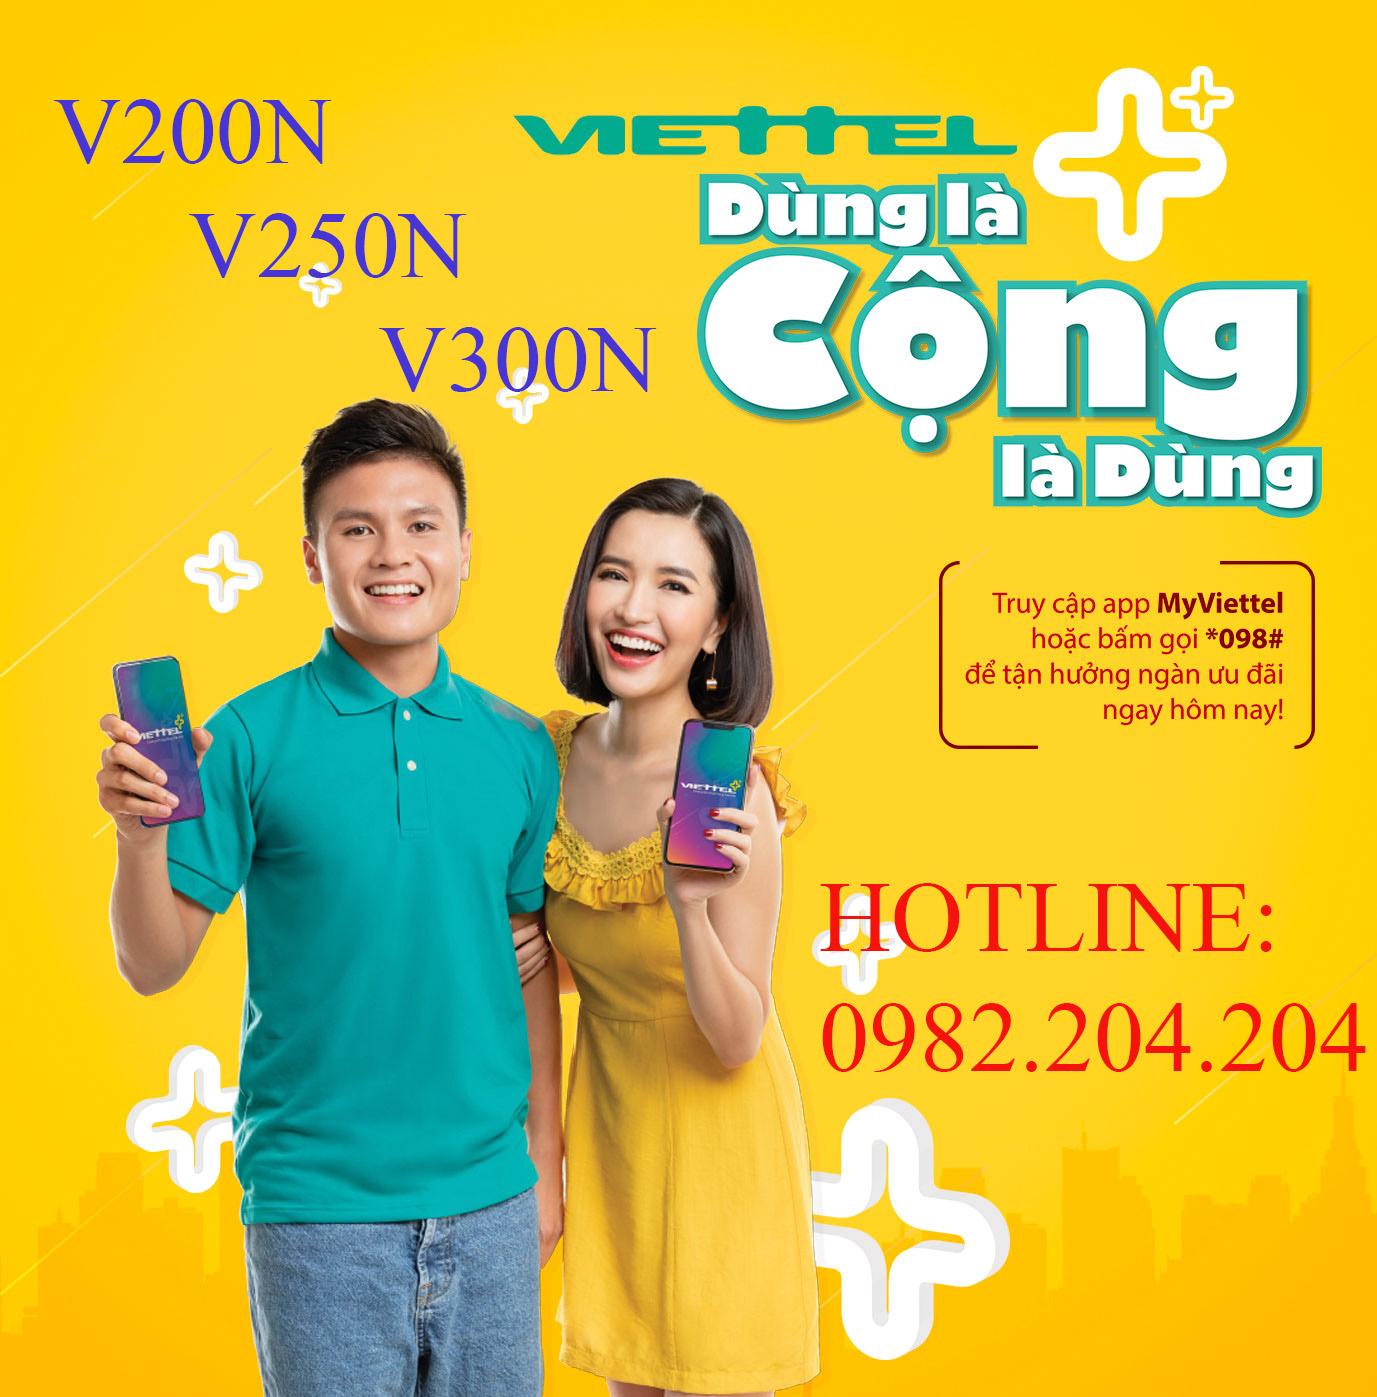 Chuyển Đổi Online Từ Trả Sang Trả Sau Viettel Các Gói V200N V250N V300N